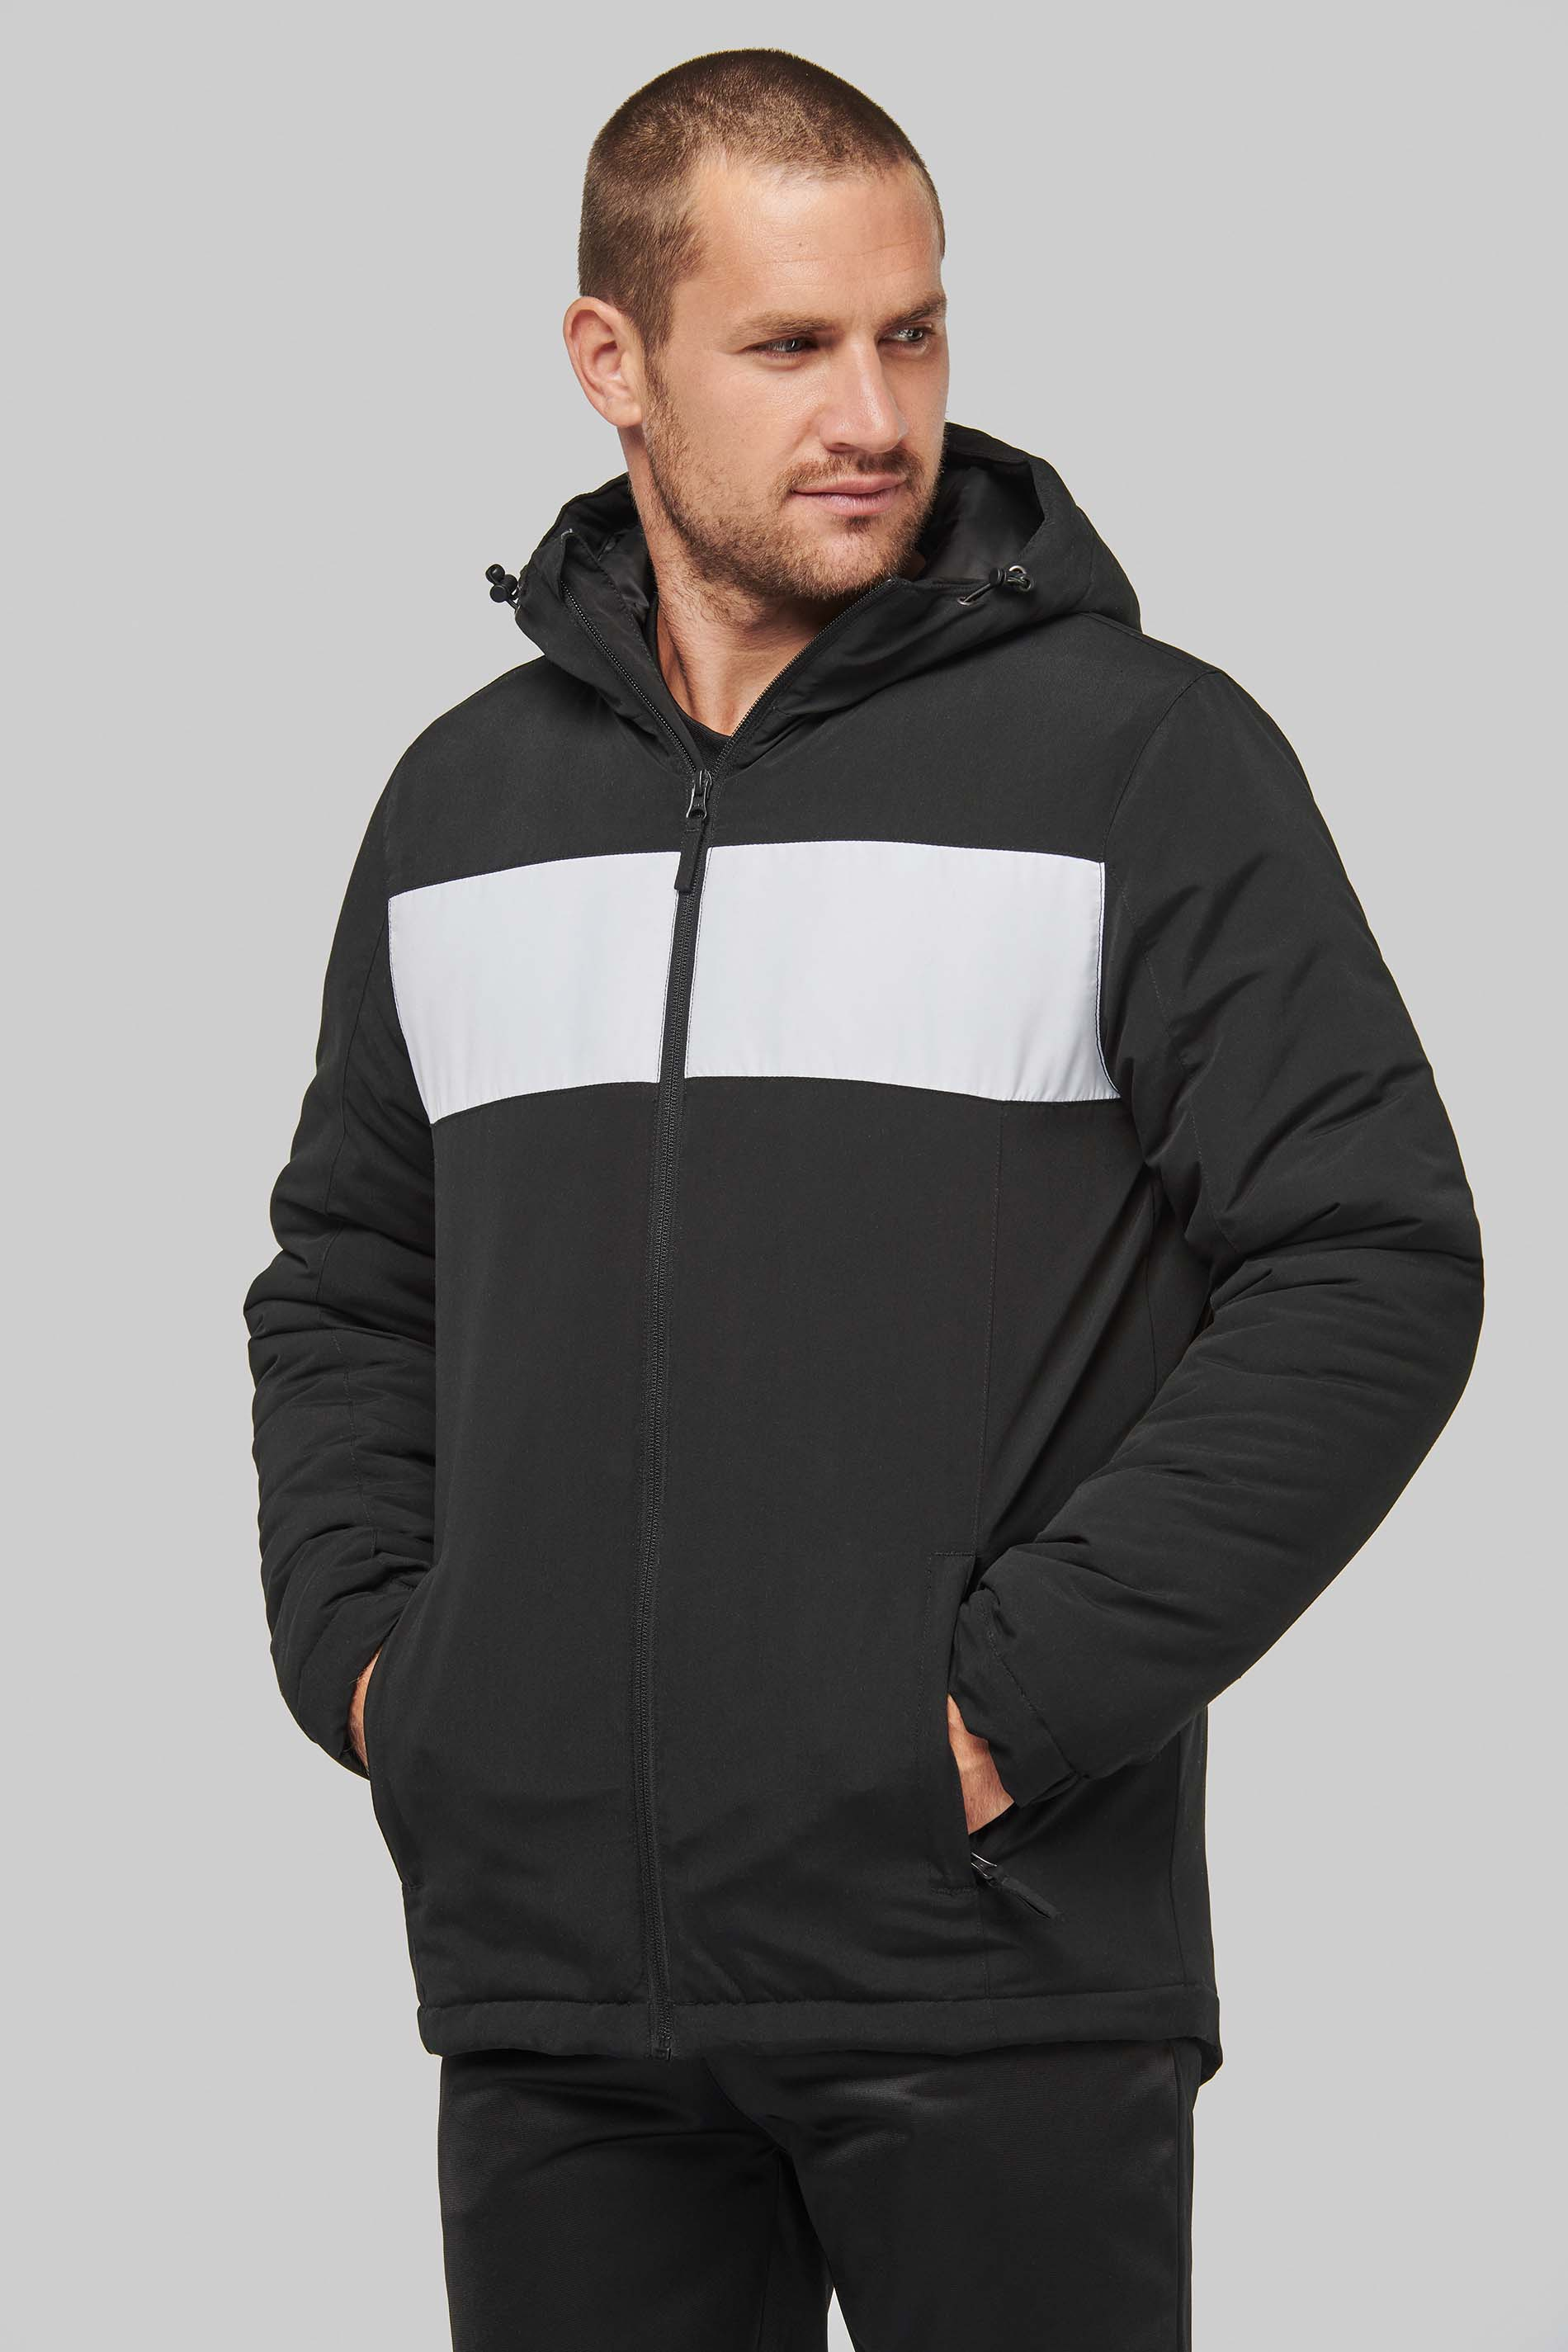 Zimní bunda Unisex club jacket - zvìtšit obrázek